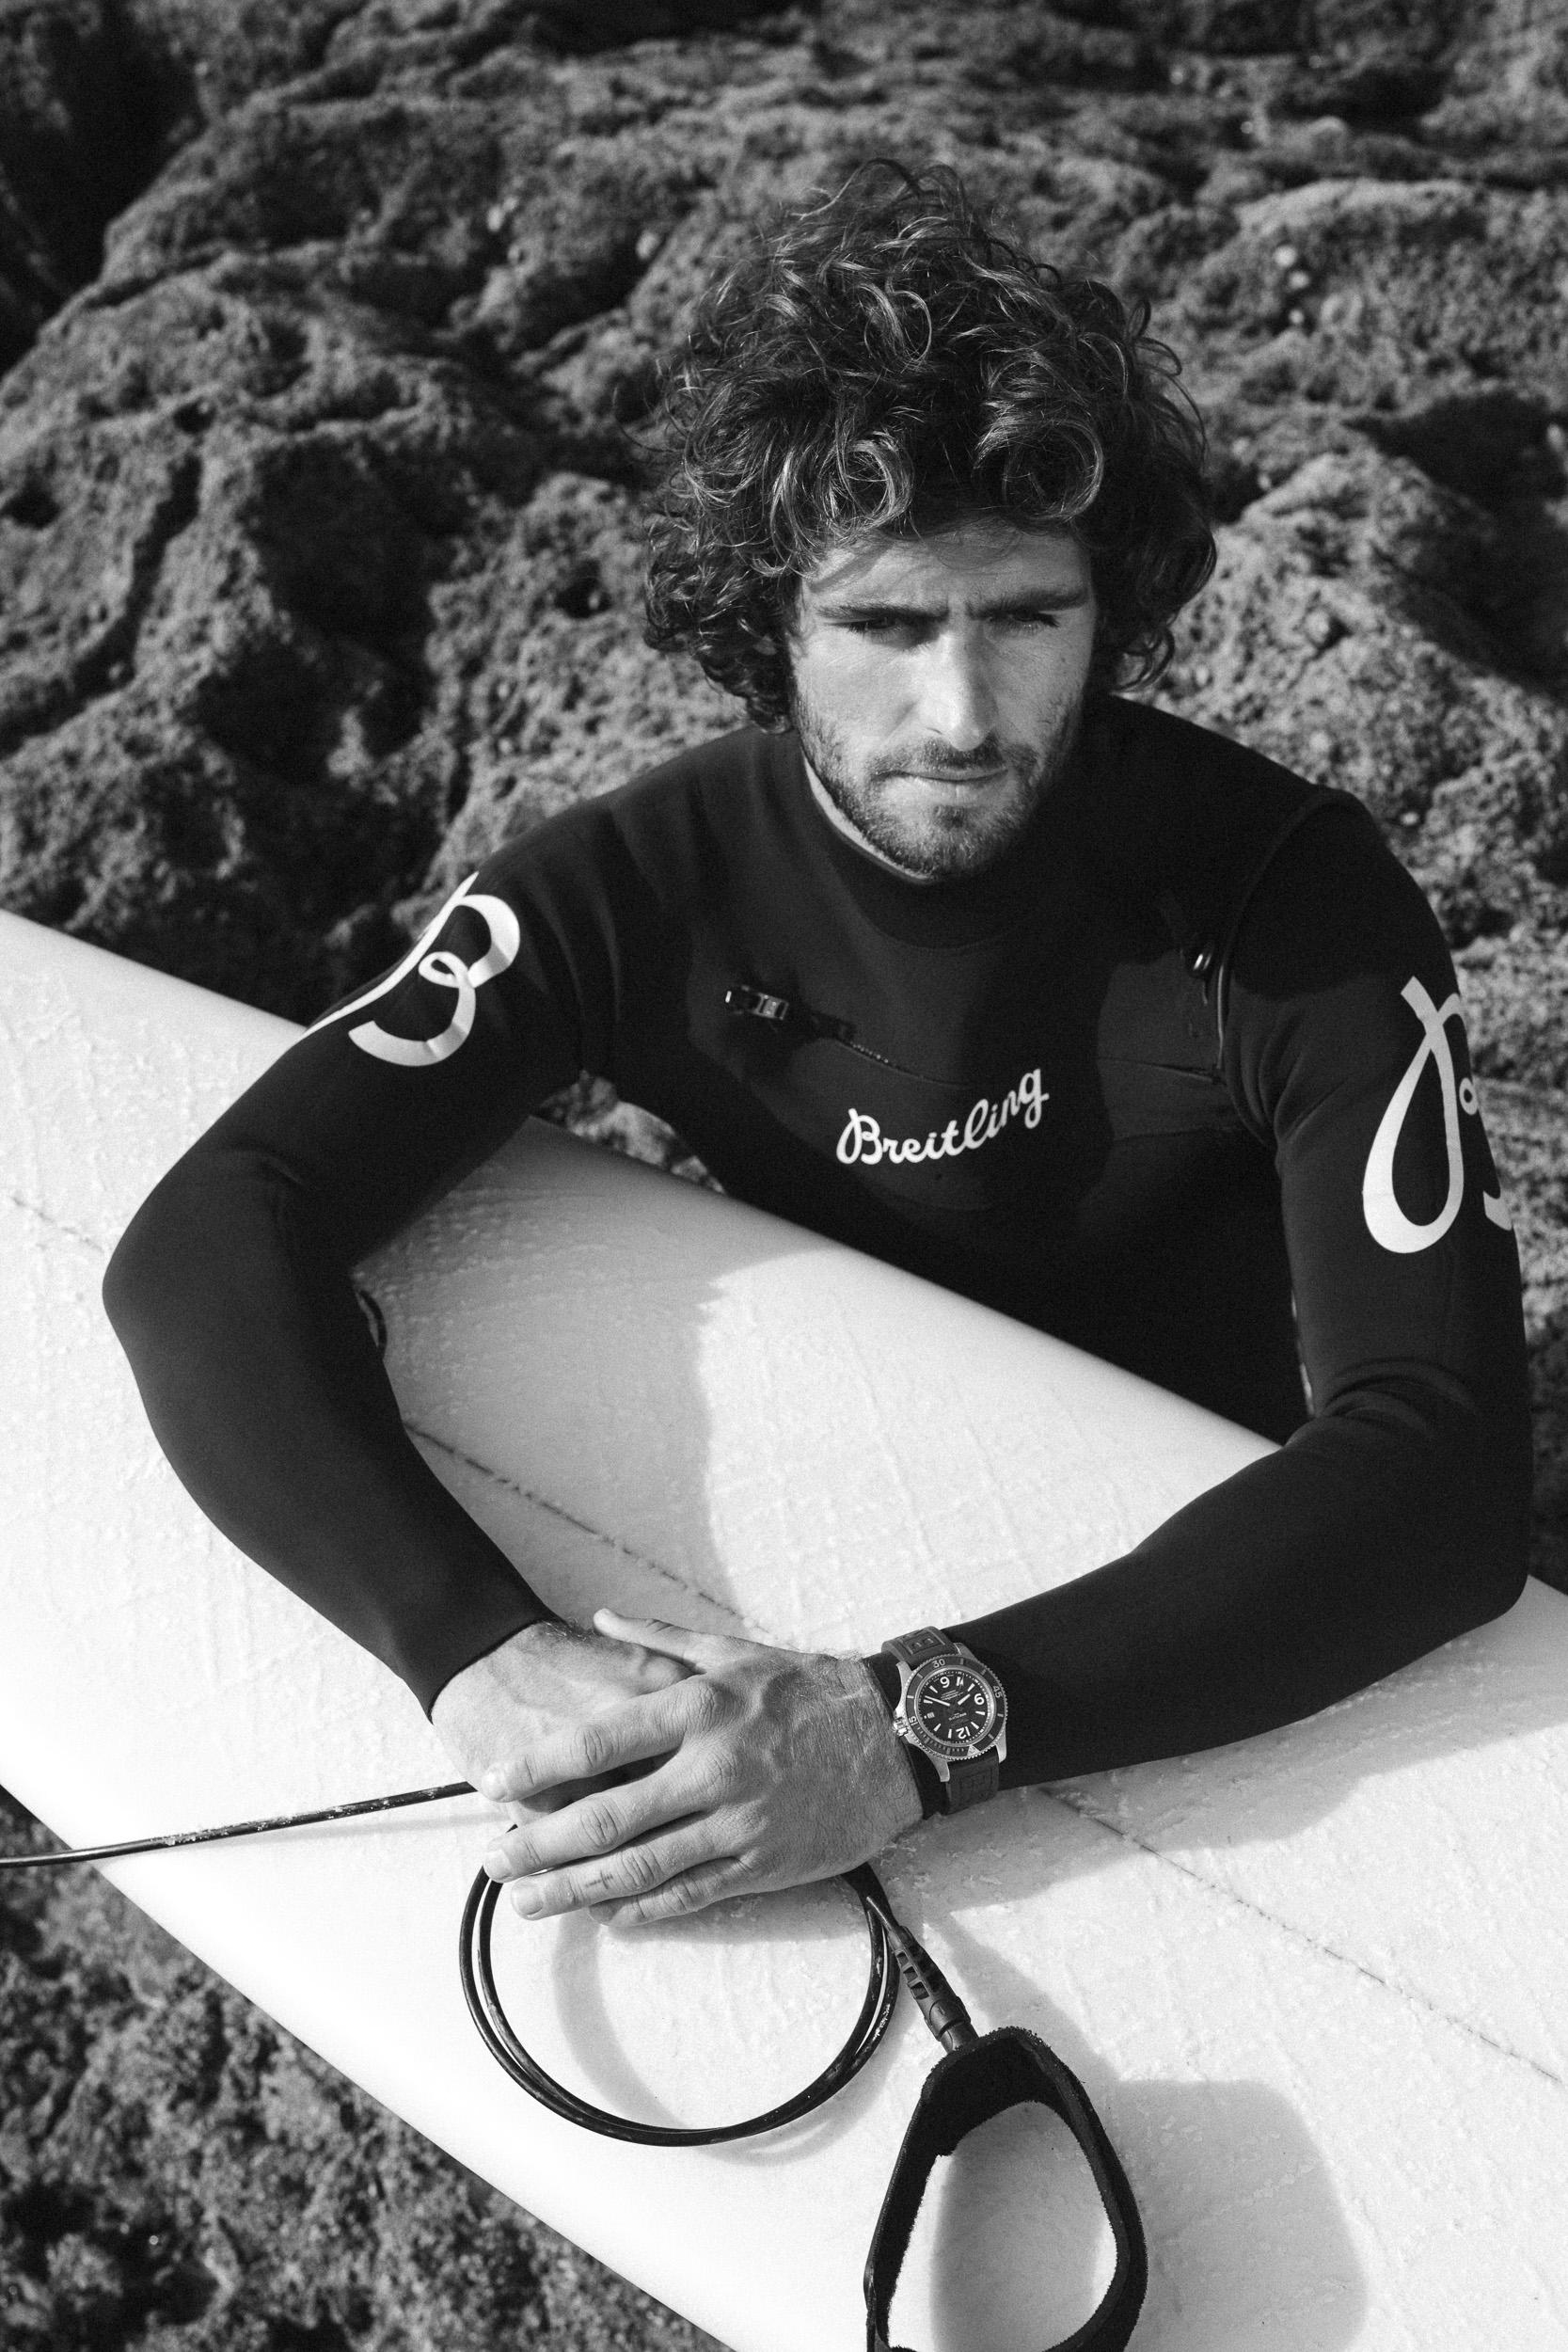 BREITLING-SURF-Finn-Beales-102.jpg